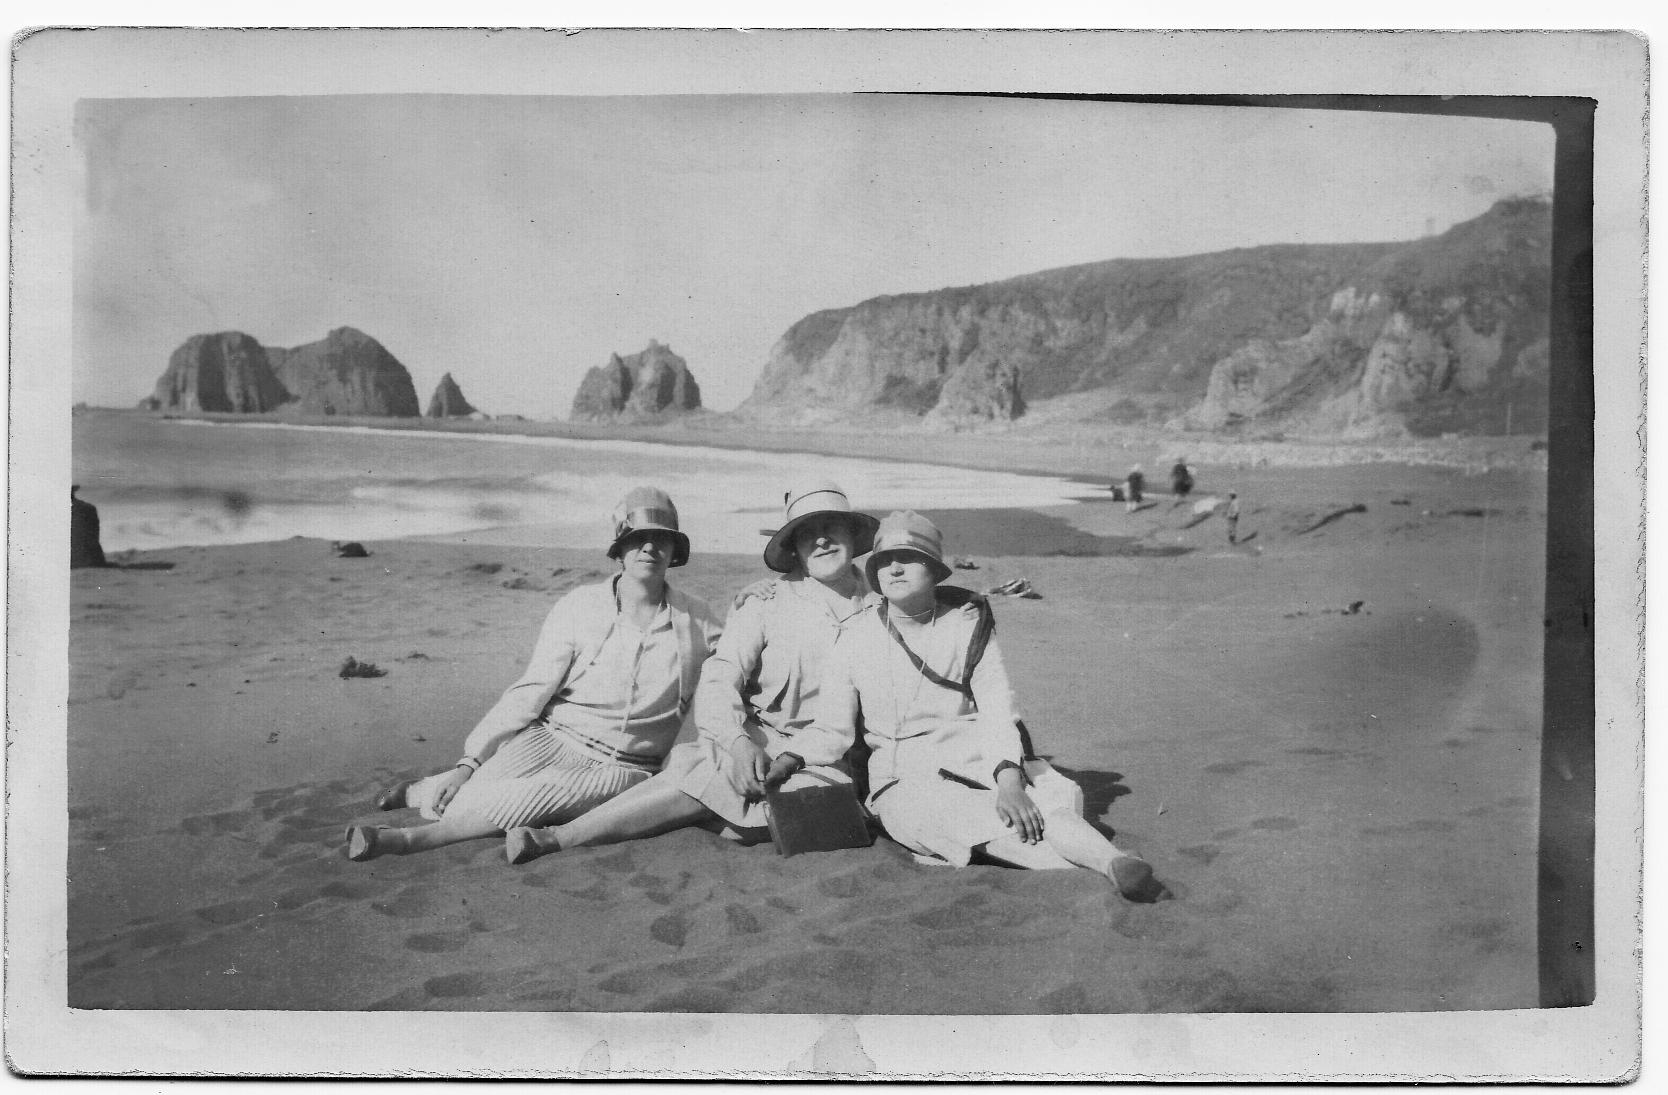 Enterreno - Fotos históricas de chile - fotos antiguas de Chile - Balneario de Constitución, verano 1928